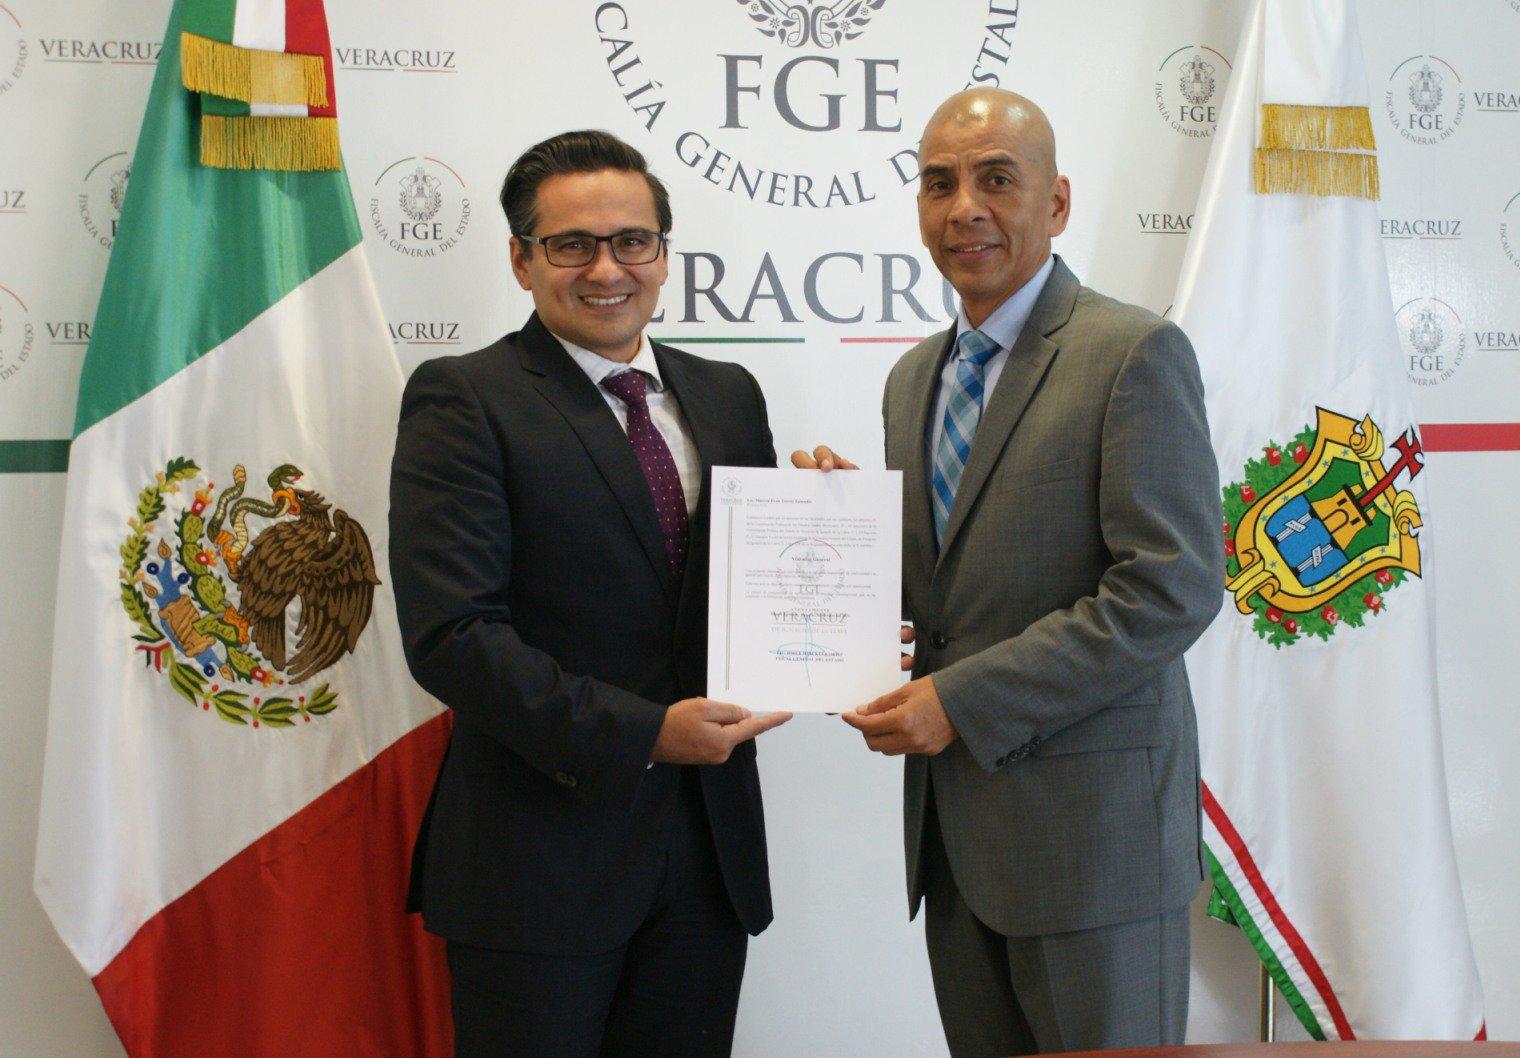 Abogados defienden al exfiscal anticorrupción de Veracruz